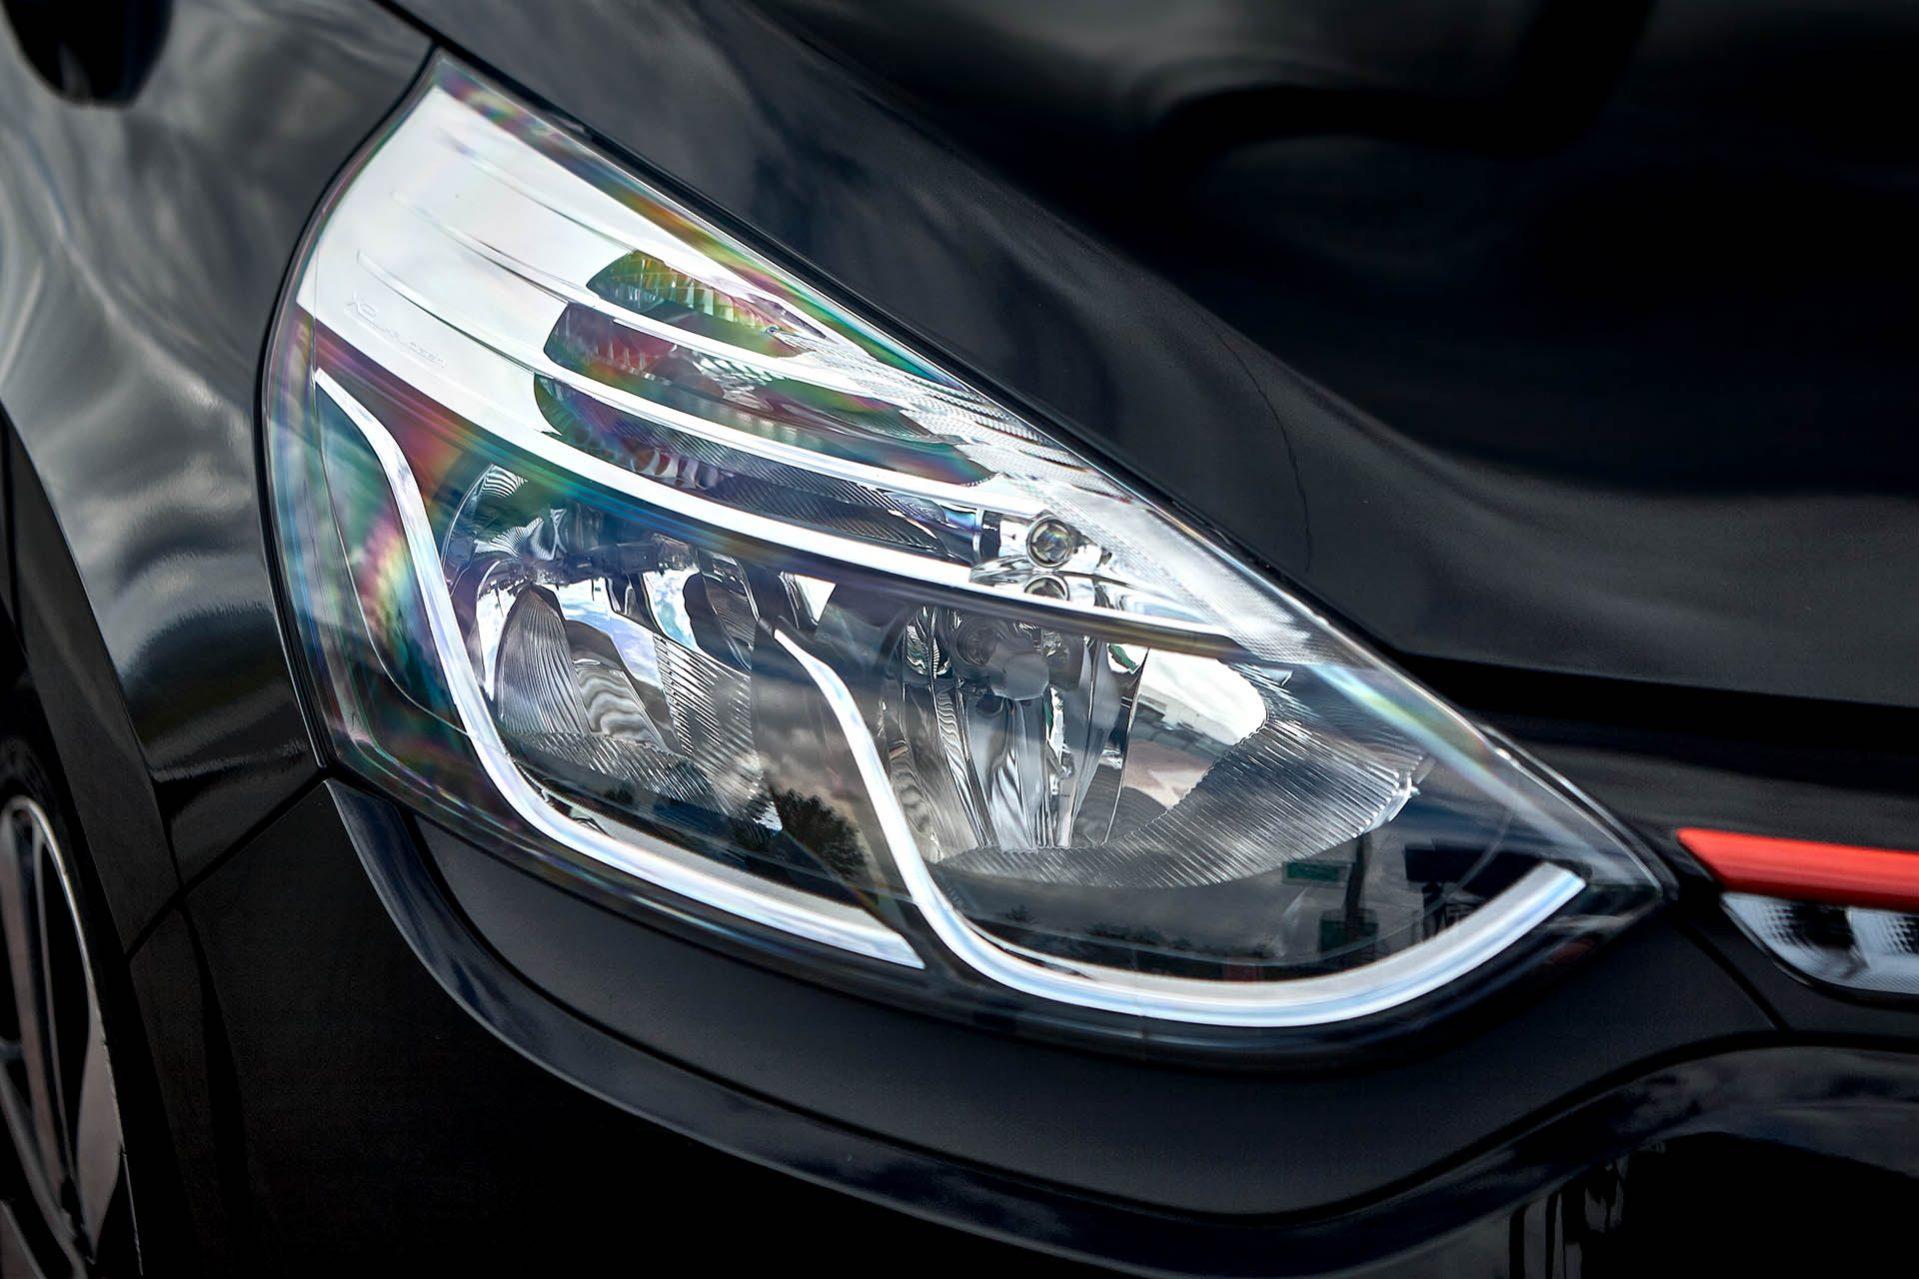 Nettoyage de phares par le garage Duverger Renault